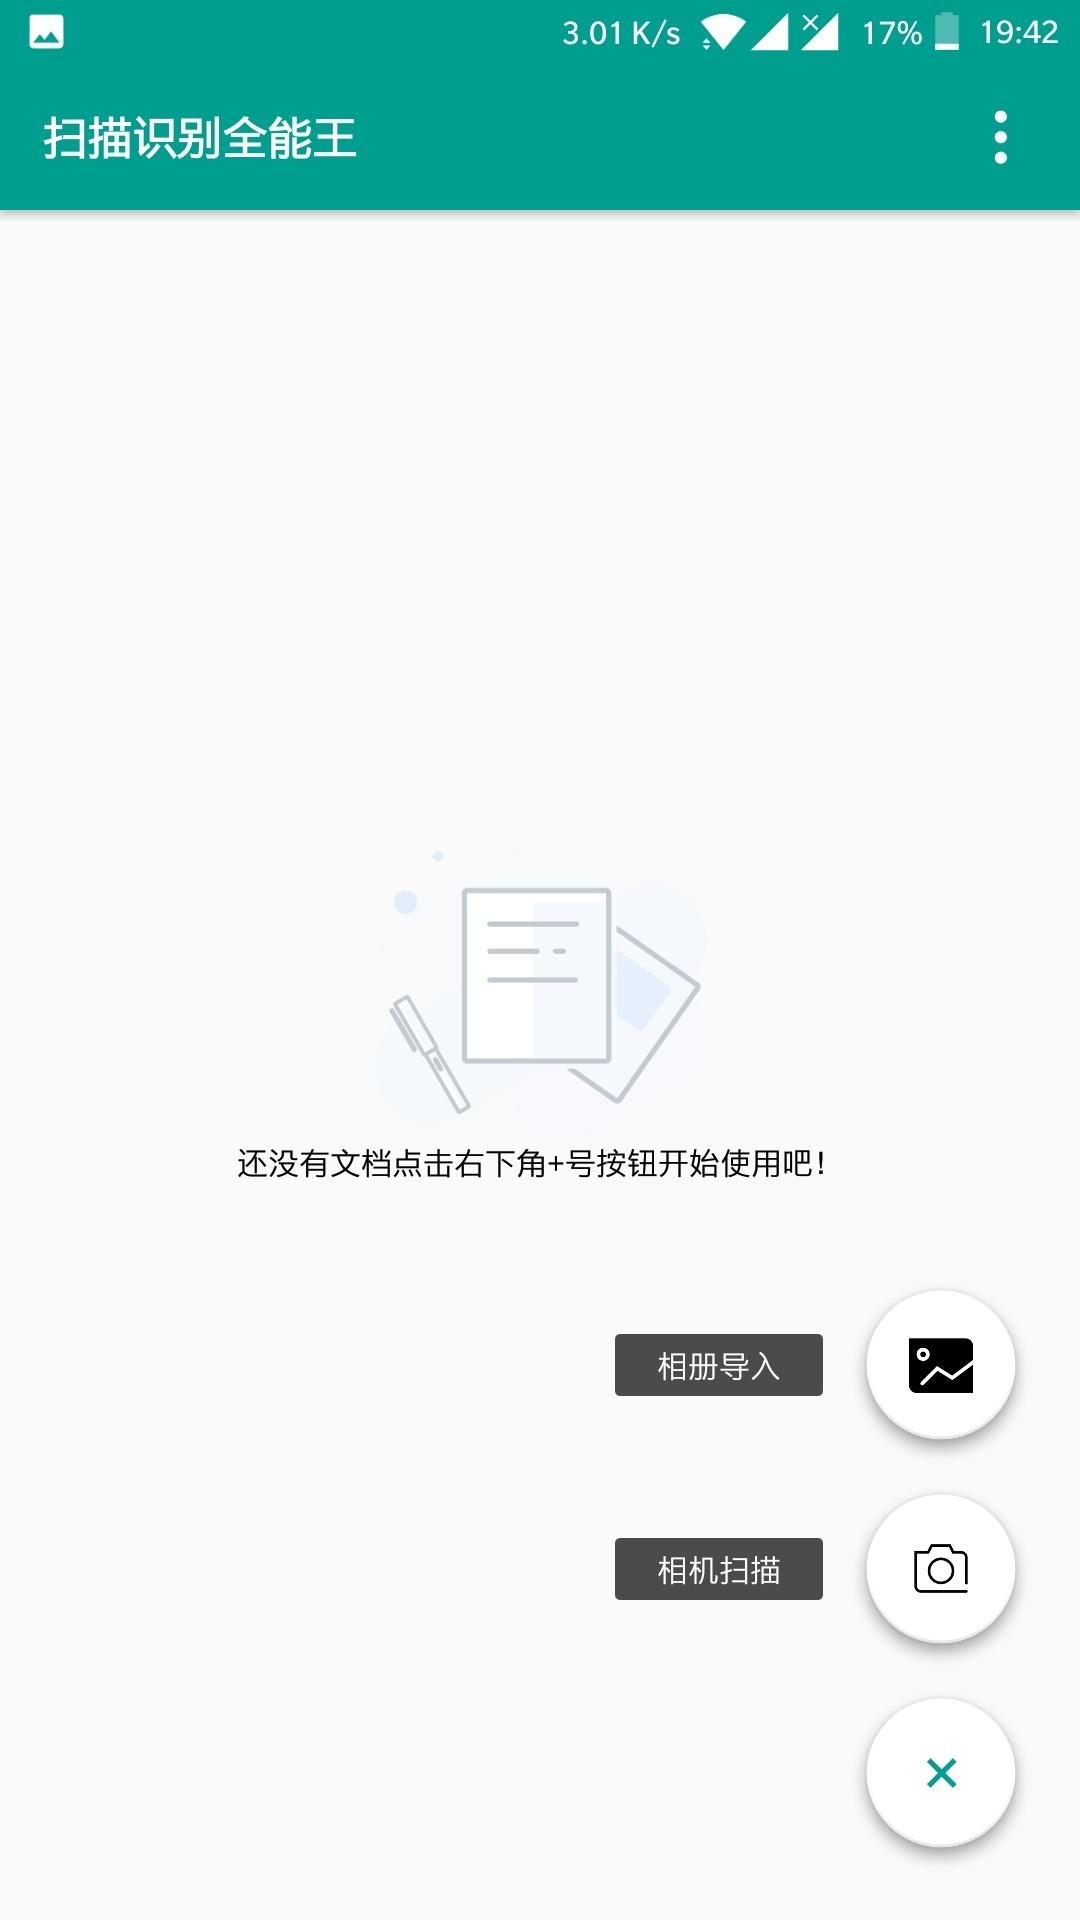 Screenshot_20180606-194258.jpg